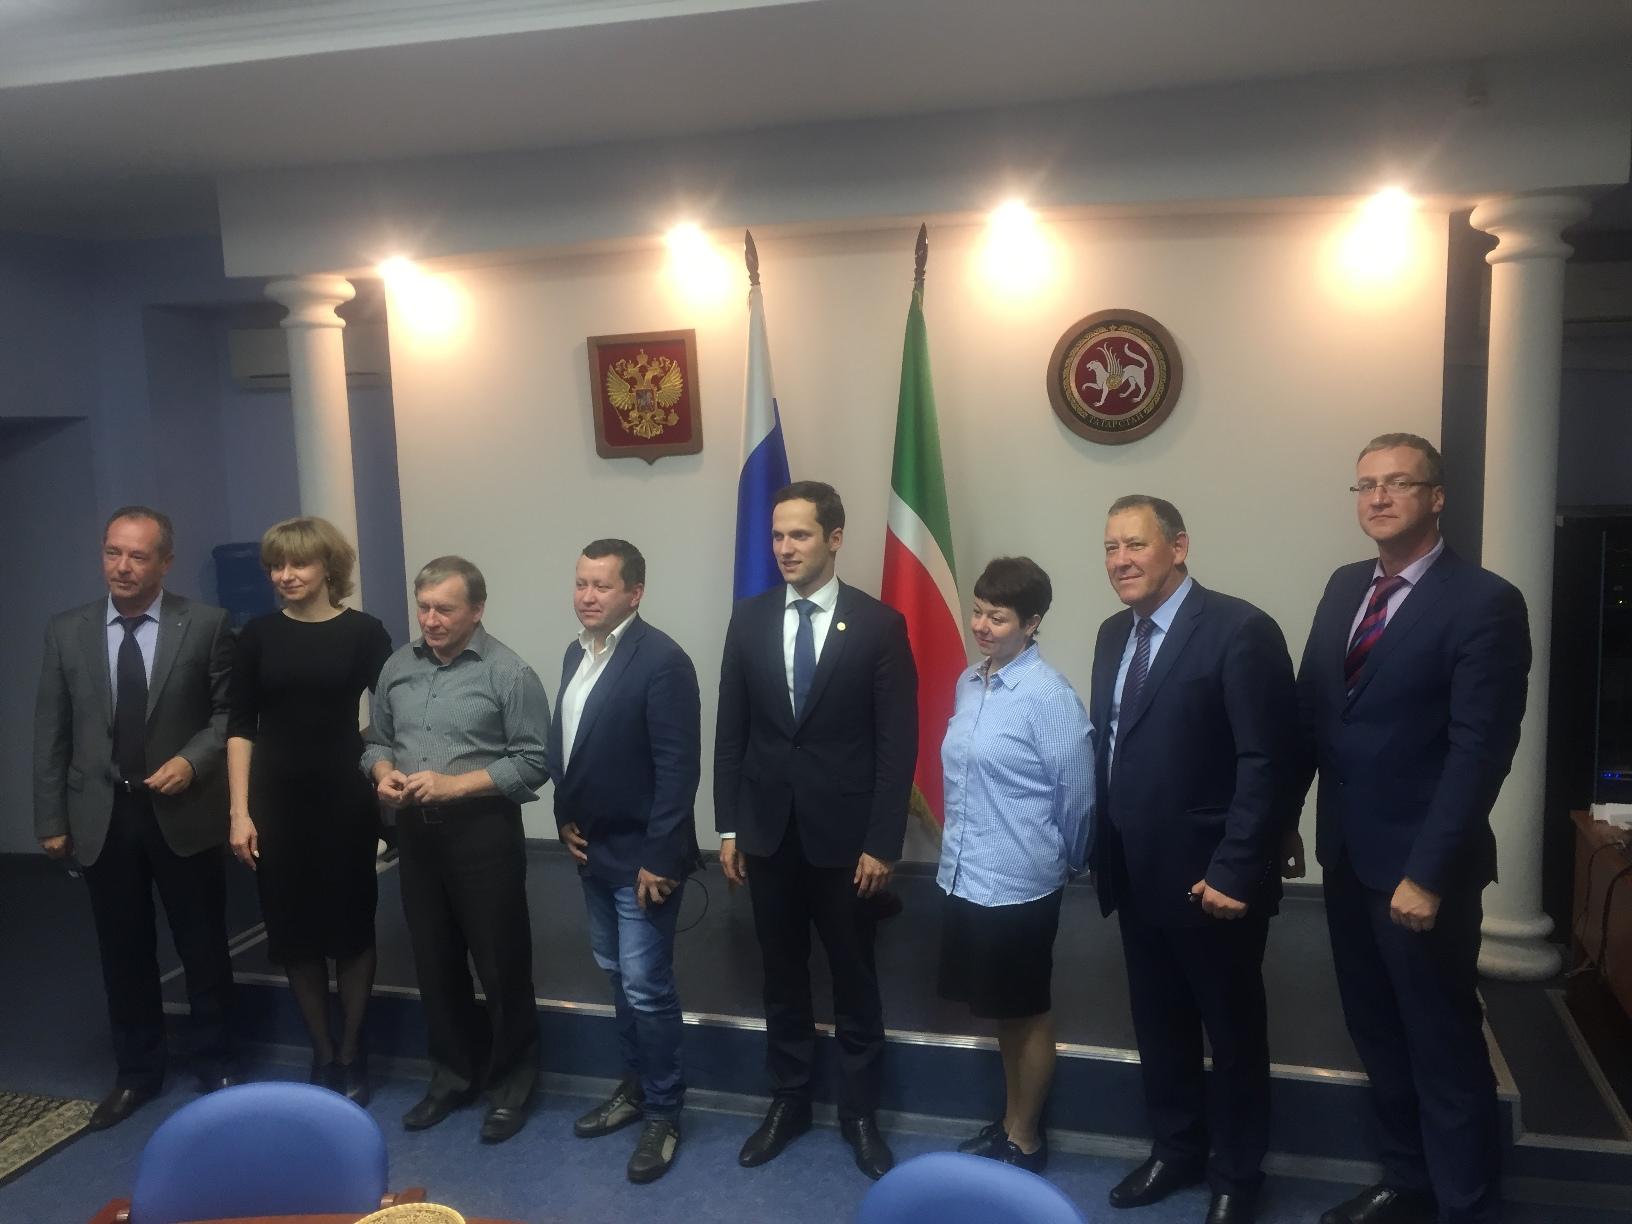 ГУП НСО «НОЦРПП» укрепляет сотрудничество с Республикой Татарстан